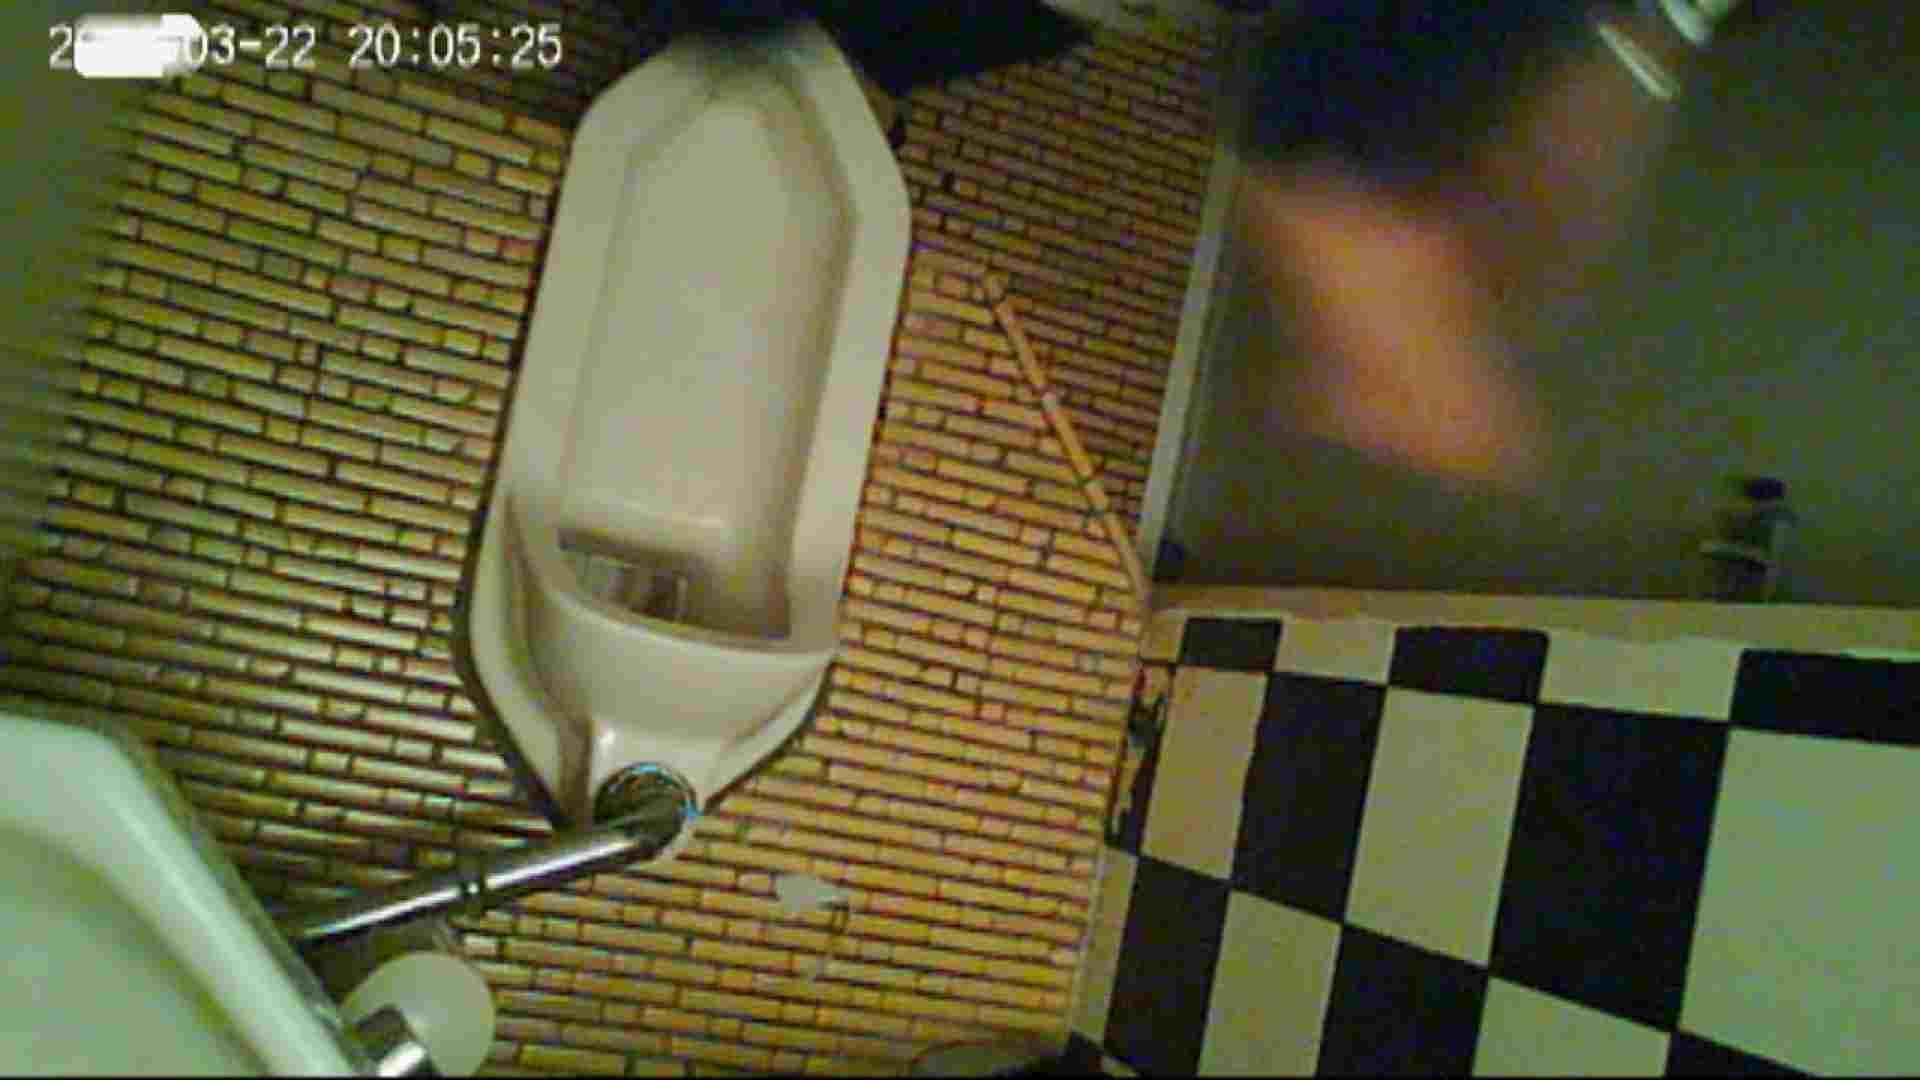 和式トイレの喫茶店店主マロンさんのコレクションvol.2 盗撮 | トイレ  59連発 21